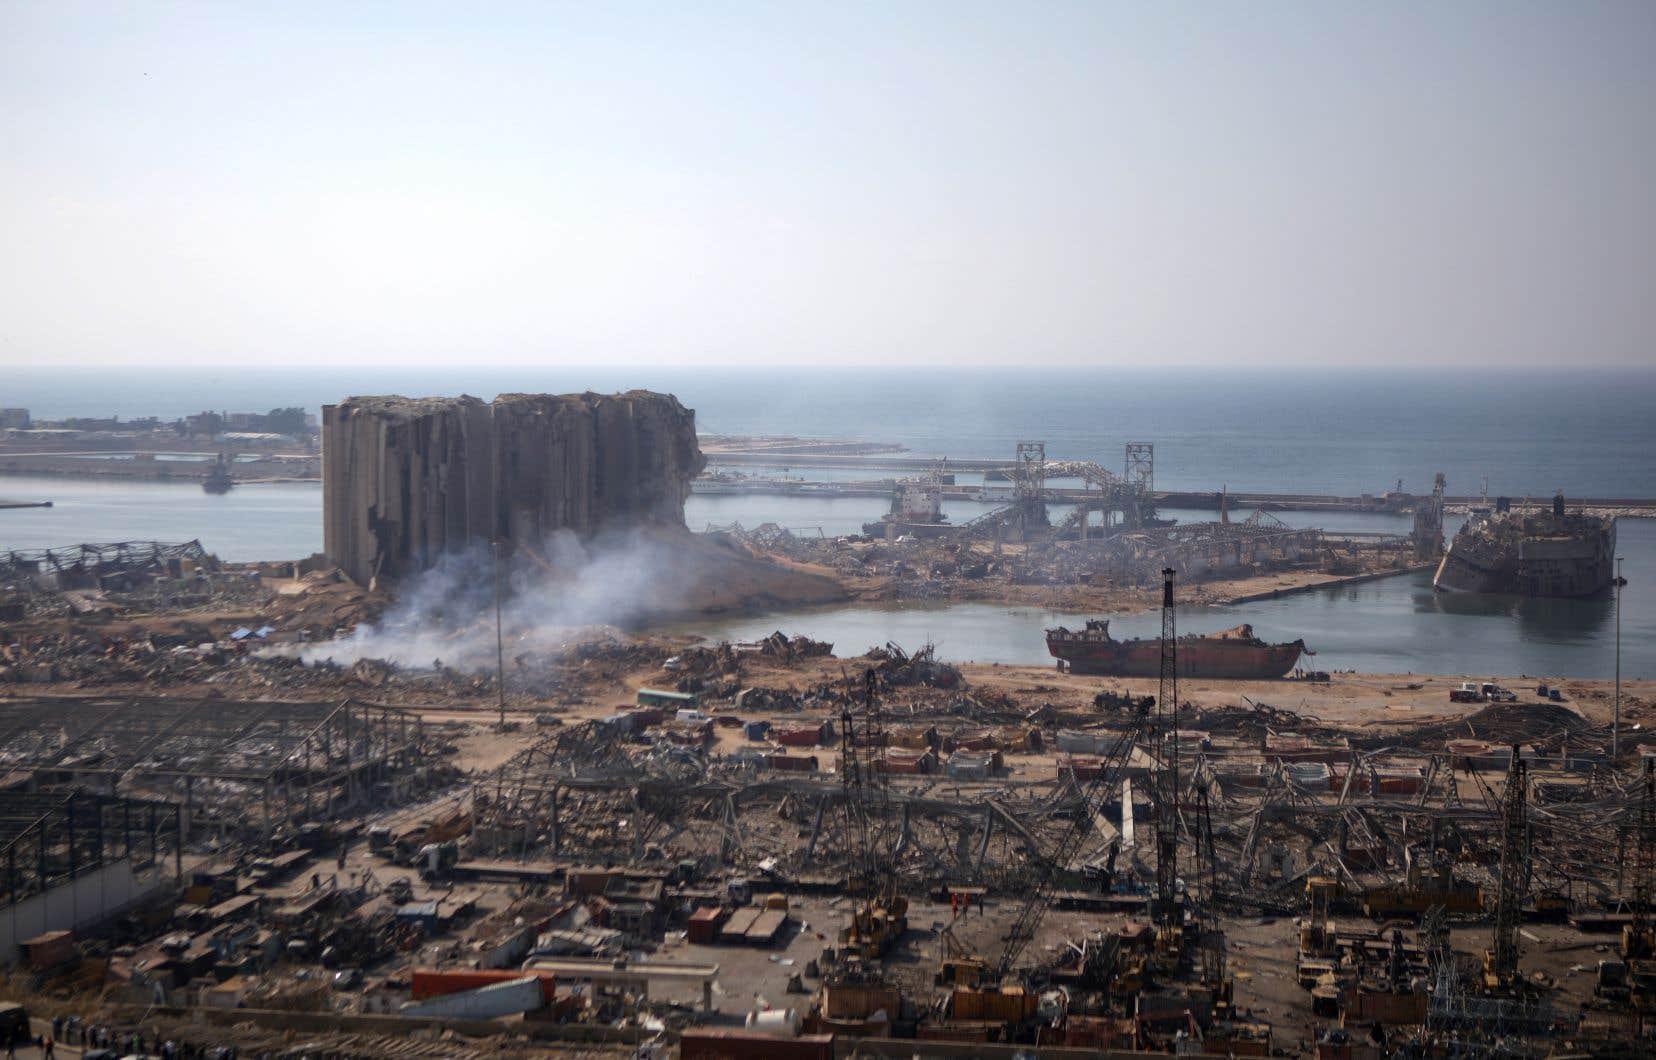 Ont été placés en détentiondes «responsables du conseil d'administration du port de Beyrouth et de l'administration des douanes,des responsables des travaux d'entretien et des [ouvriers] ayant effectué des travaux dans le hangar numéro12», a précisé le procureur militaire Fadi Akiki dans un communiqué.